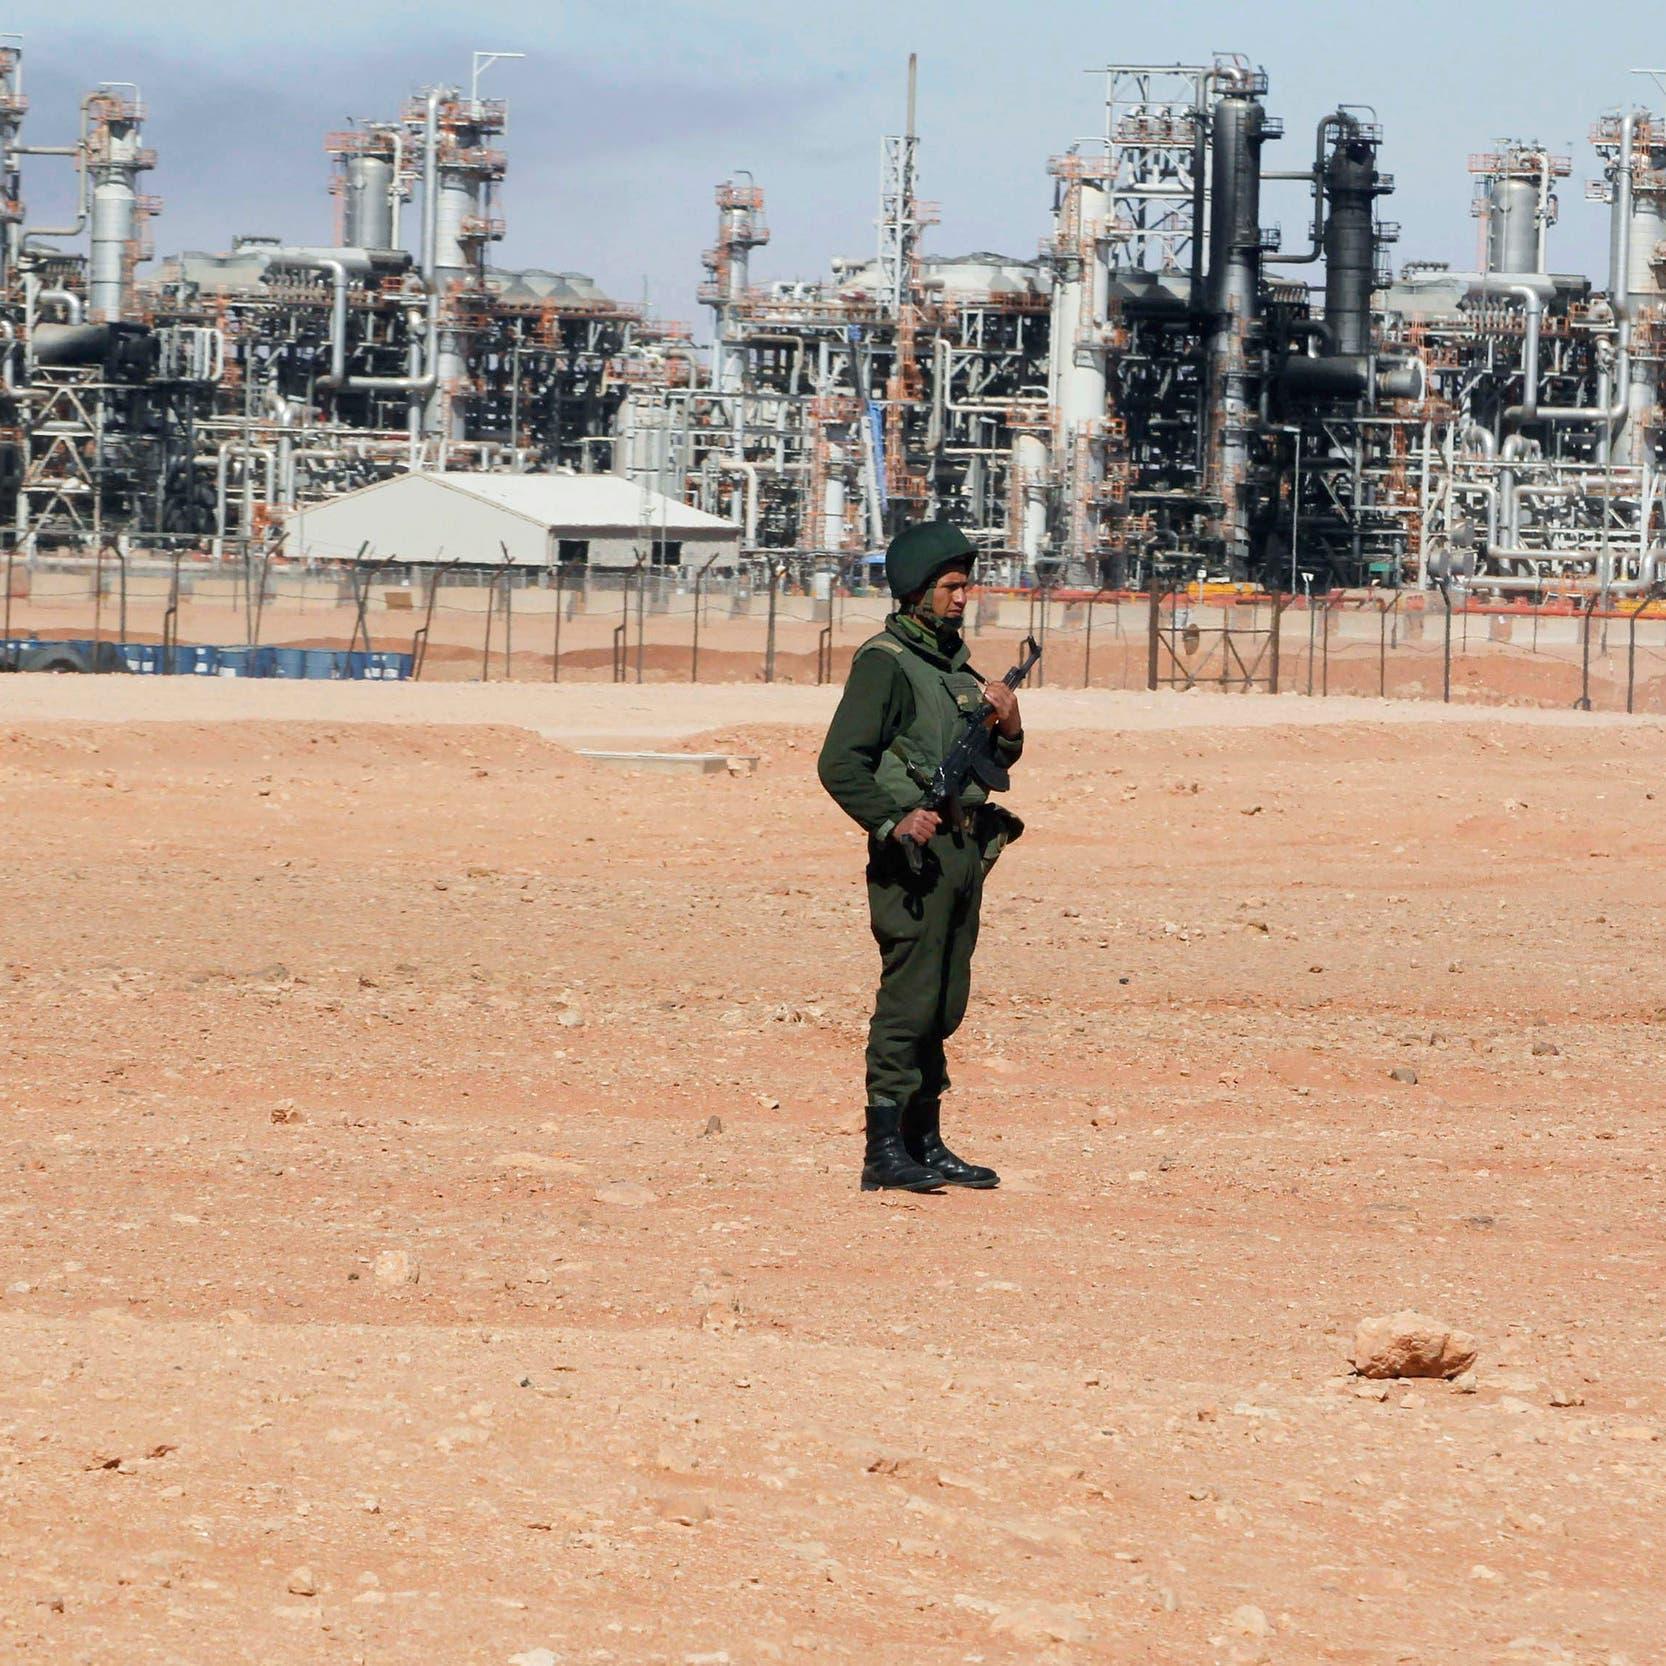 بعد قطع العلاقات.. هل تستغني الجزائر عن خط أنابيب الغاز العابر للمغرب؟